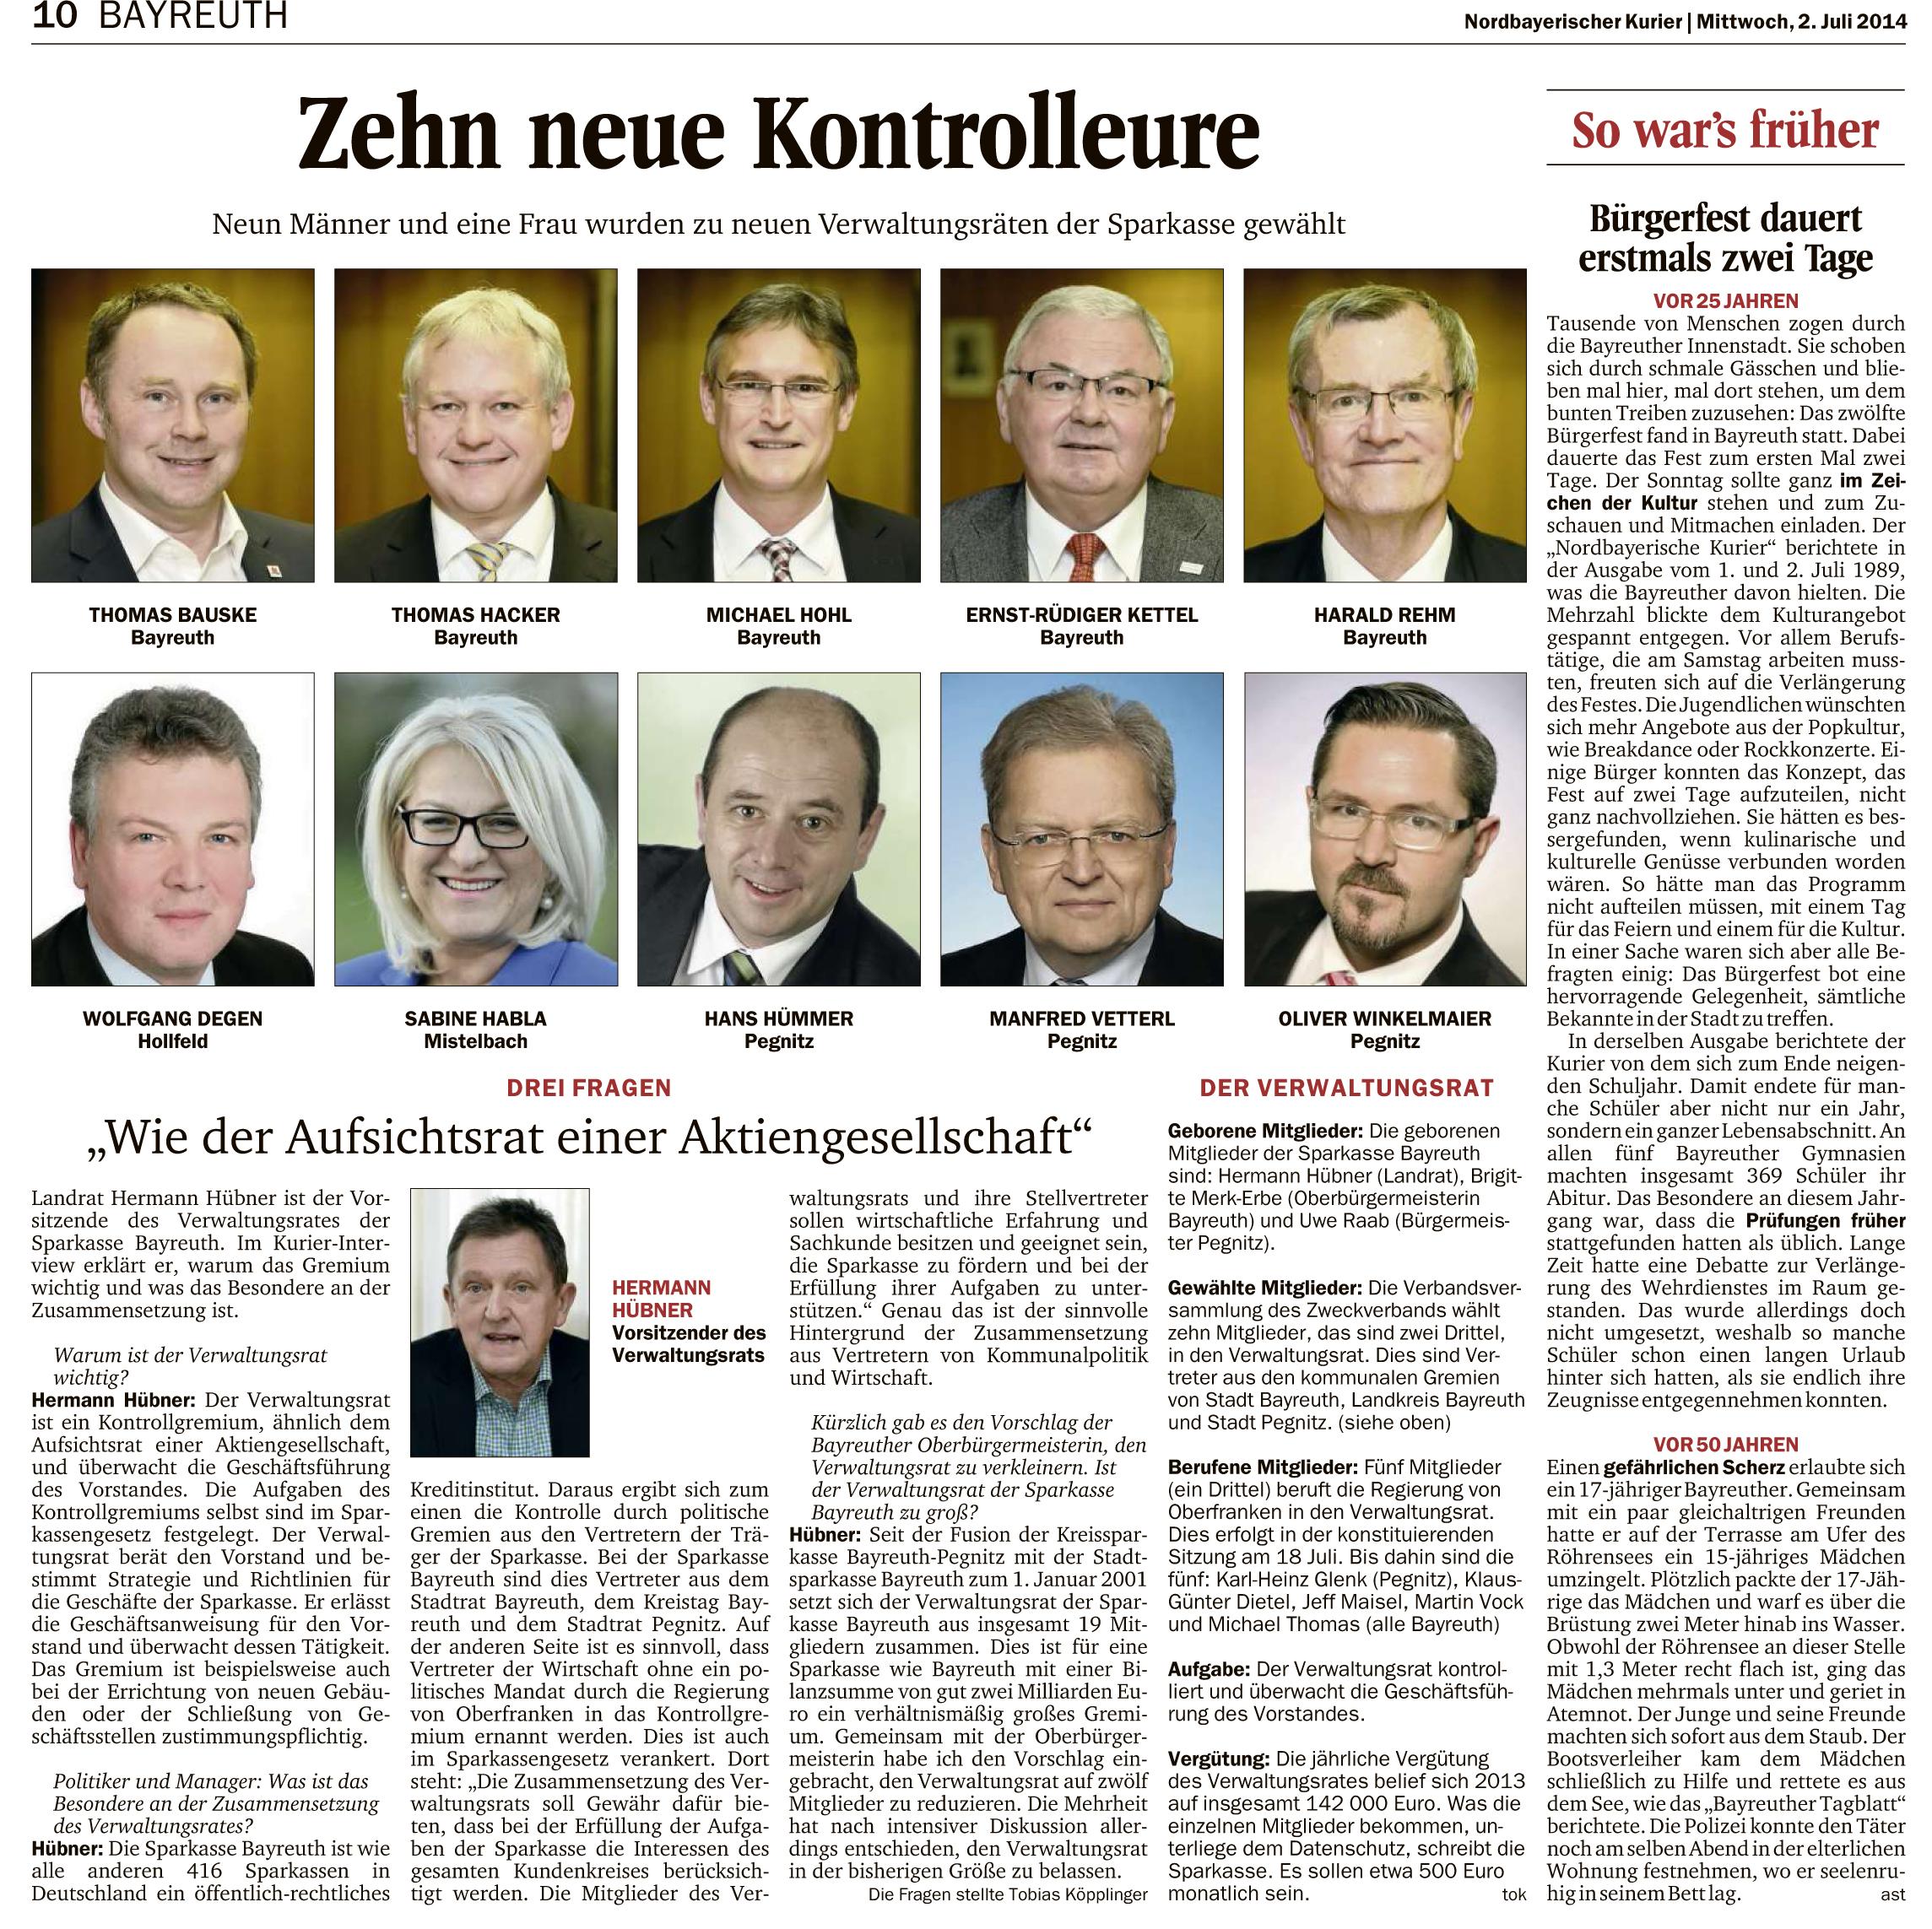 Sparkassenverwaltungsrat_NK_02.07.14